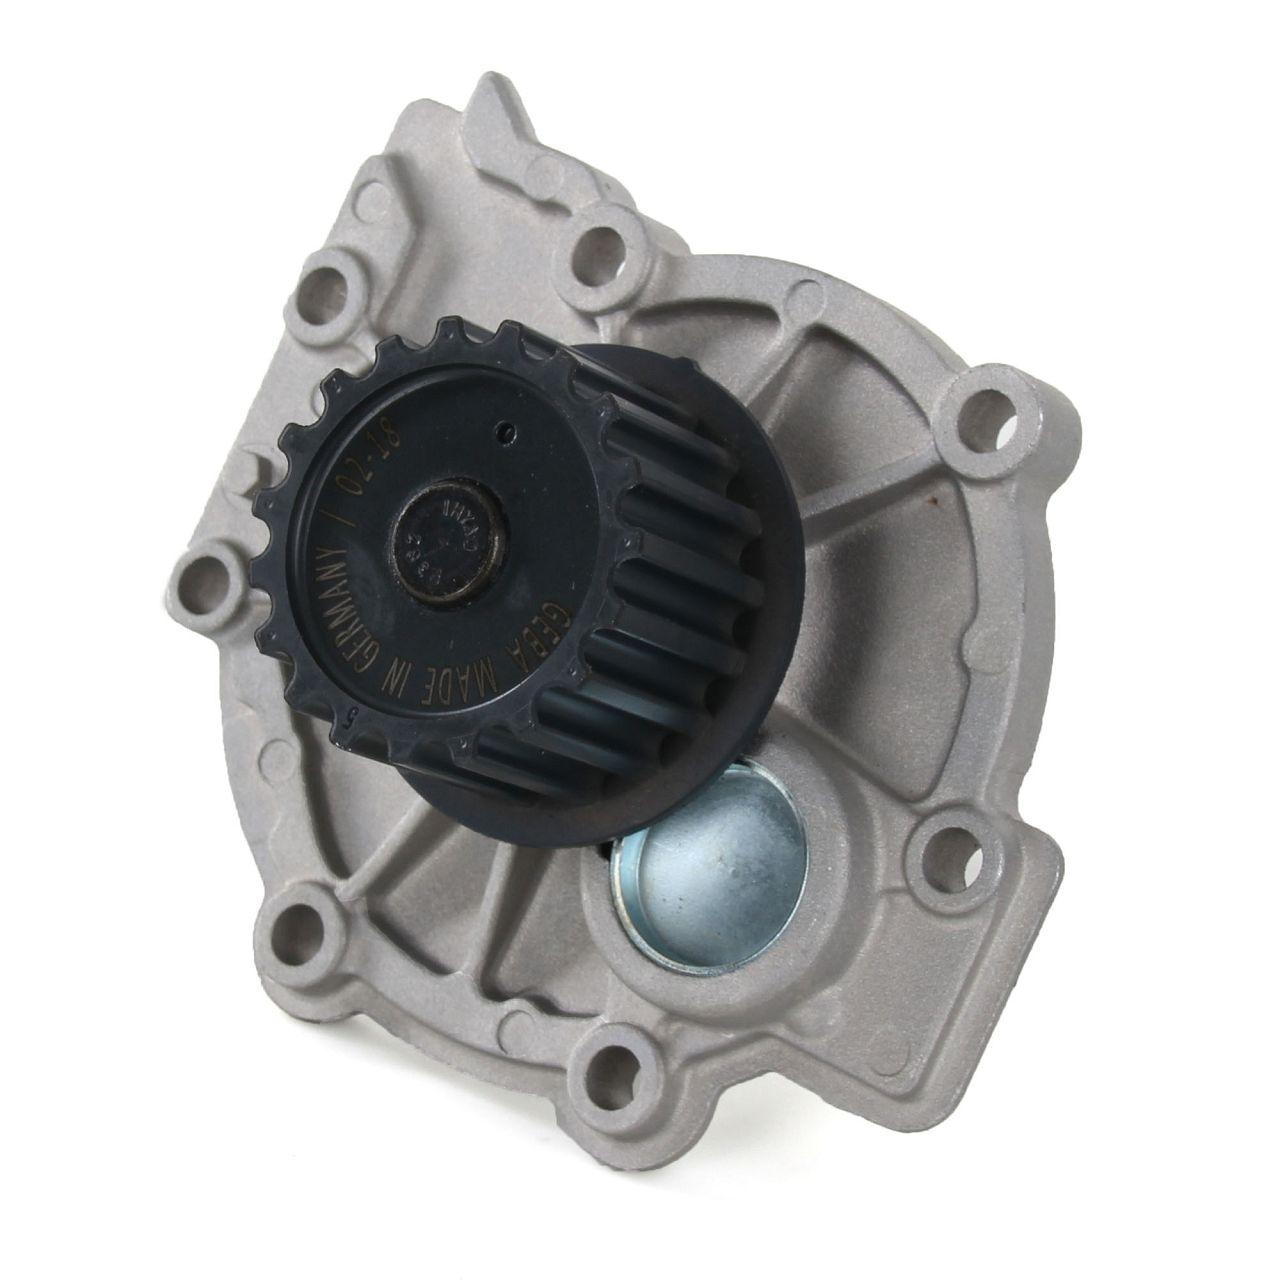 GEBA Wasserpumpe für VOLVO C30 C70 S40 S60 S80 V40 V50 V60 V70 XC60 XC70 XC90